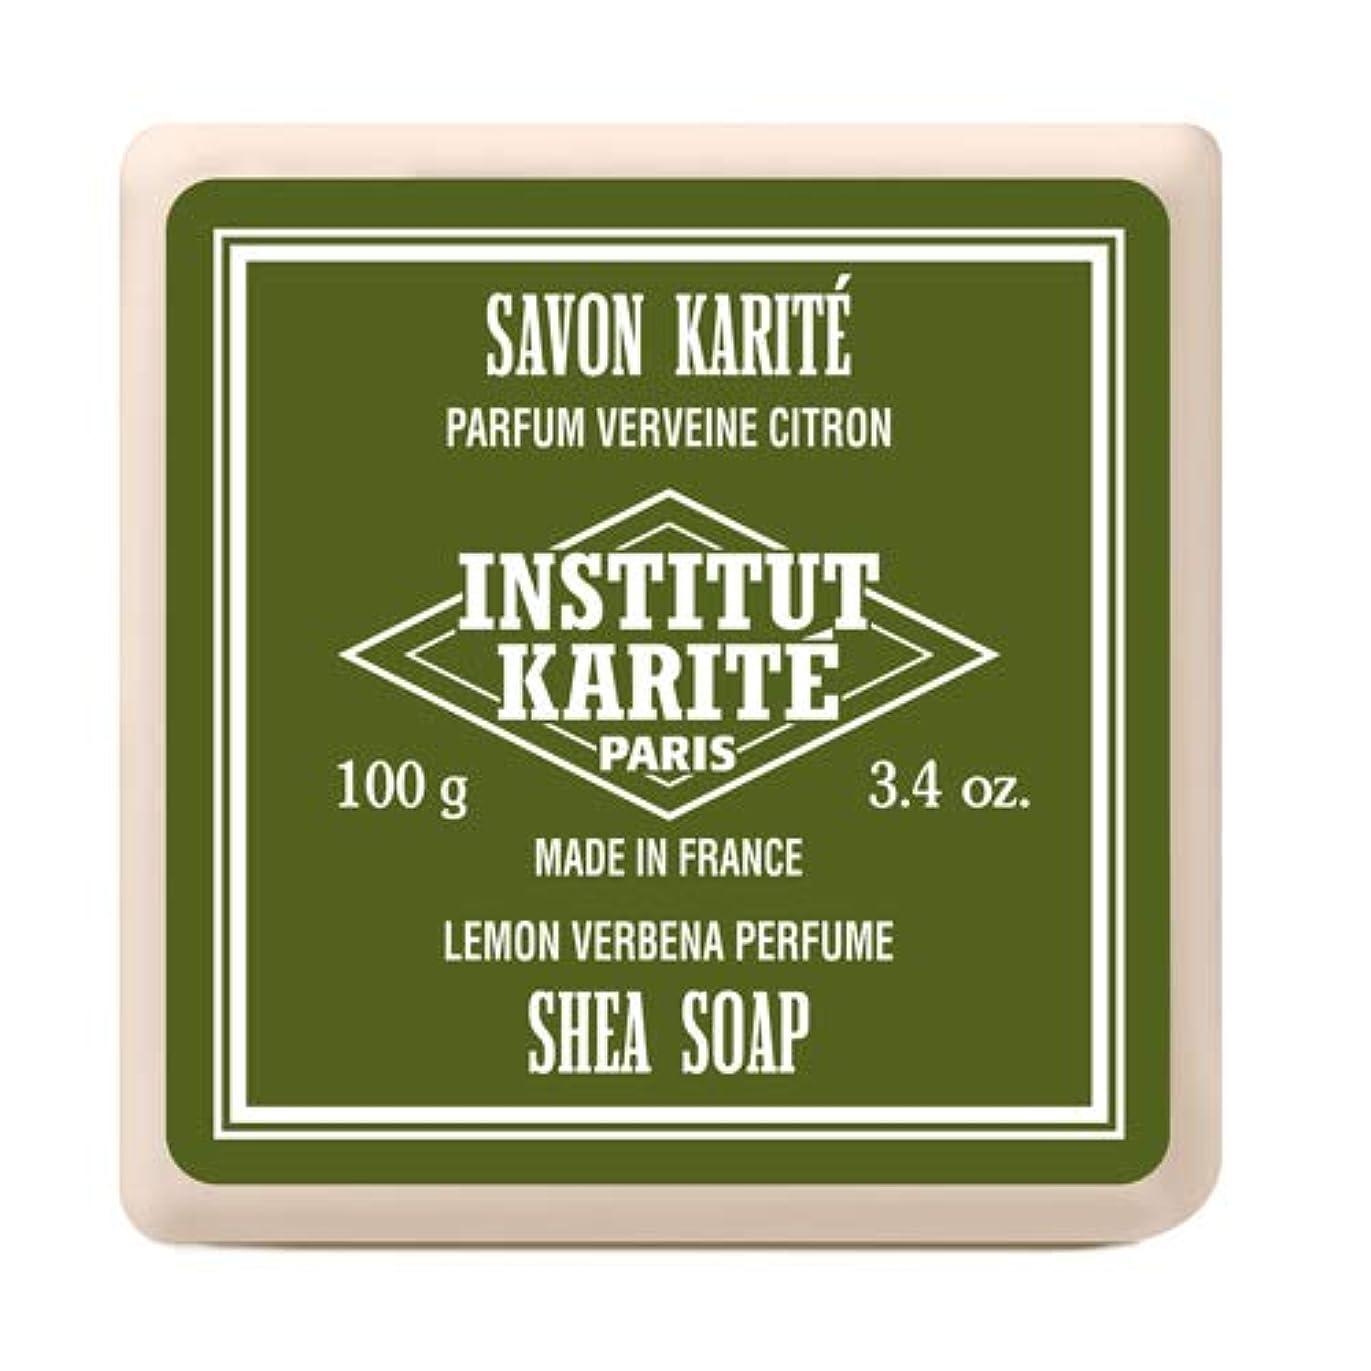 反対に寺院戦いインスティテュート?カリテ(INSTITUT KARITE) INSTITUT KARITE インスティテュート カリテ Shea Wrapped Soap シアソープ 100g Lemon Vervena レモンバーベナ